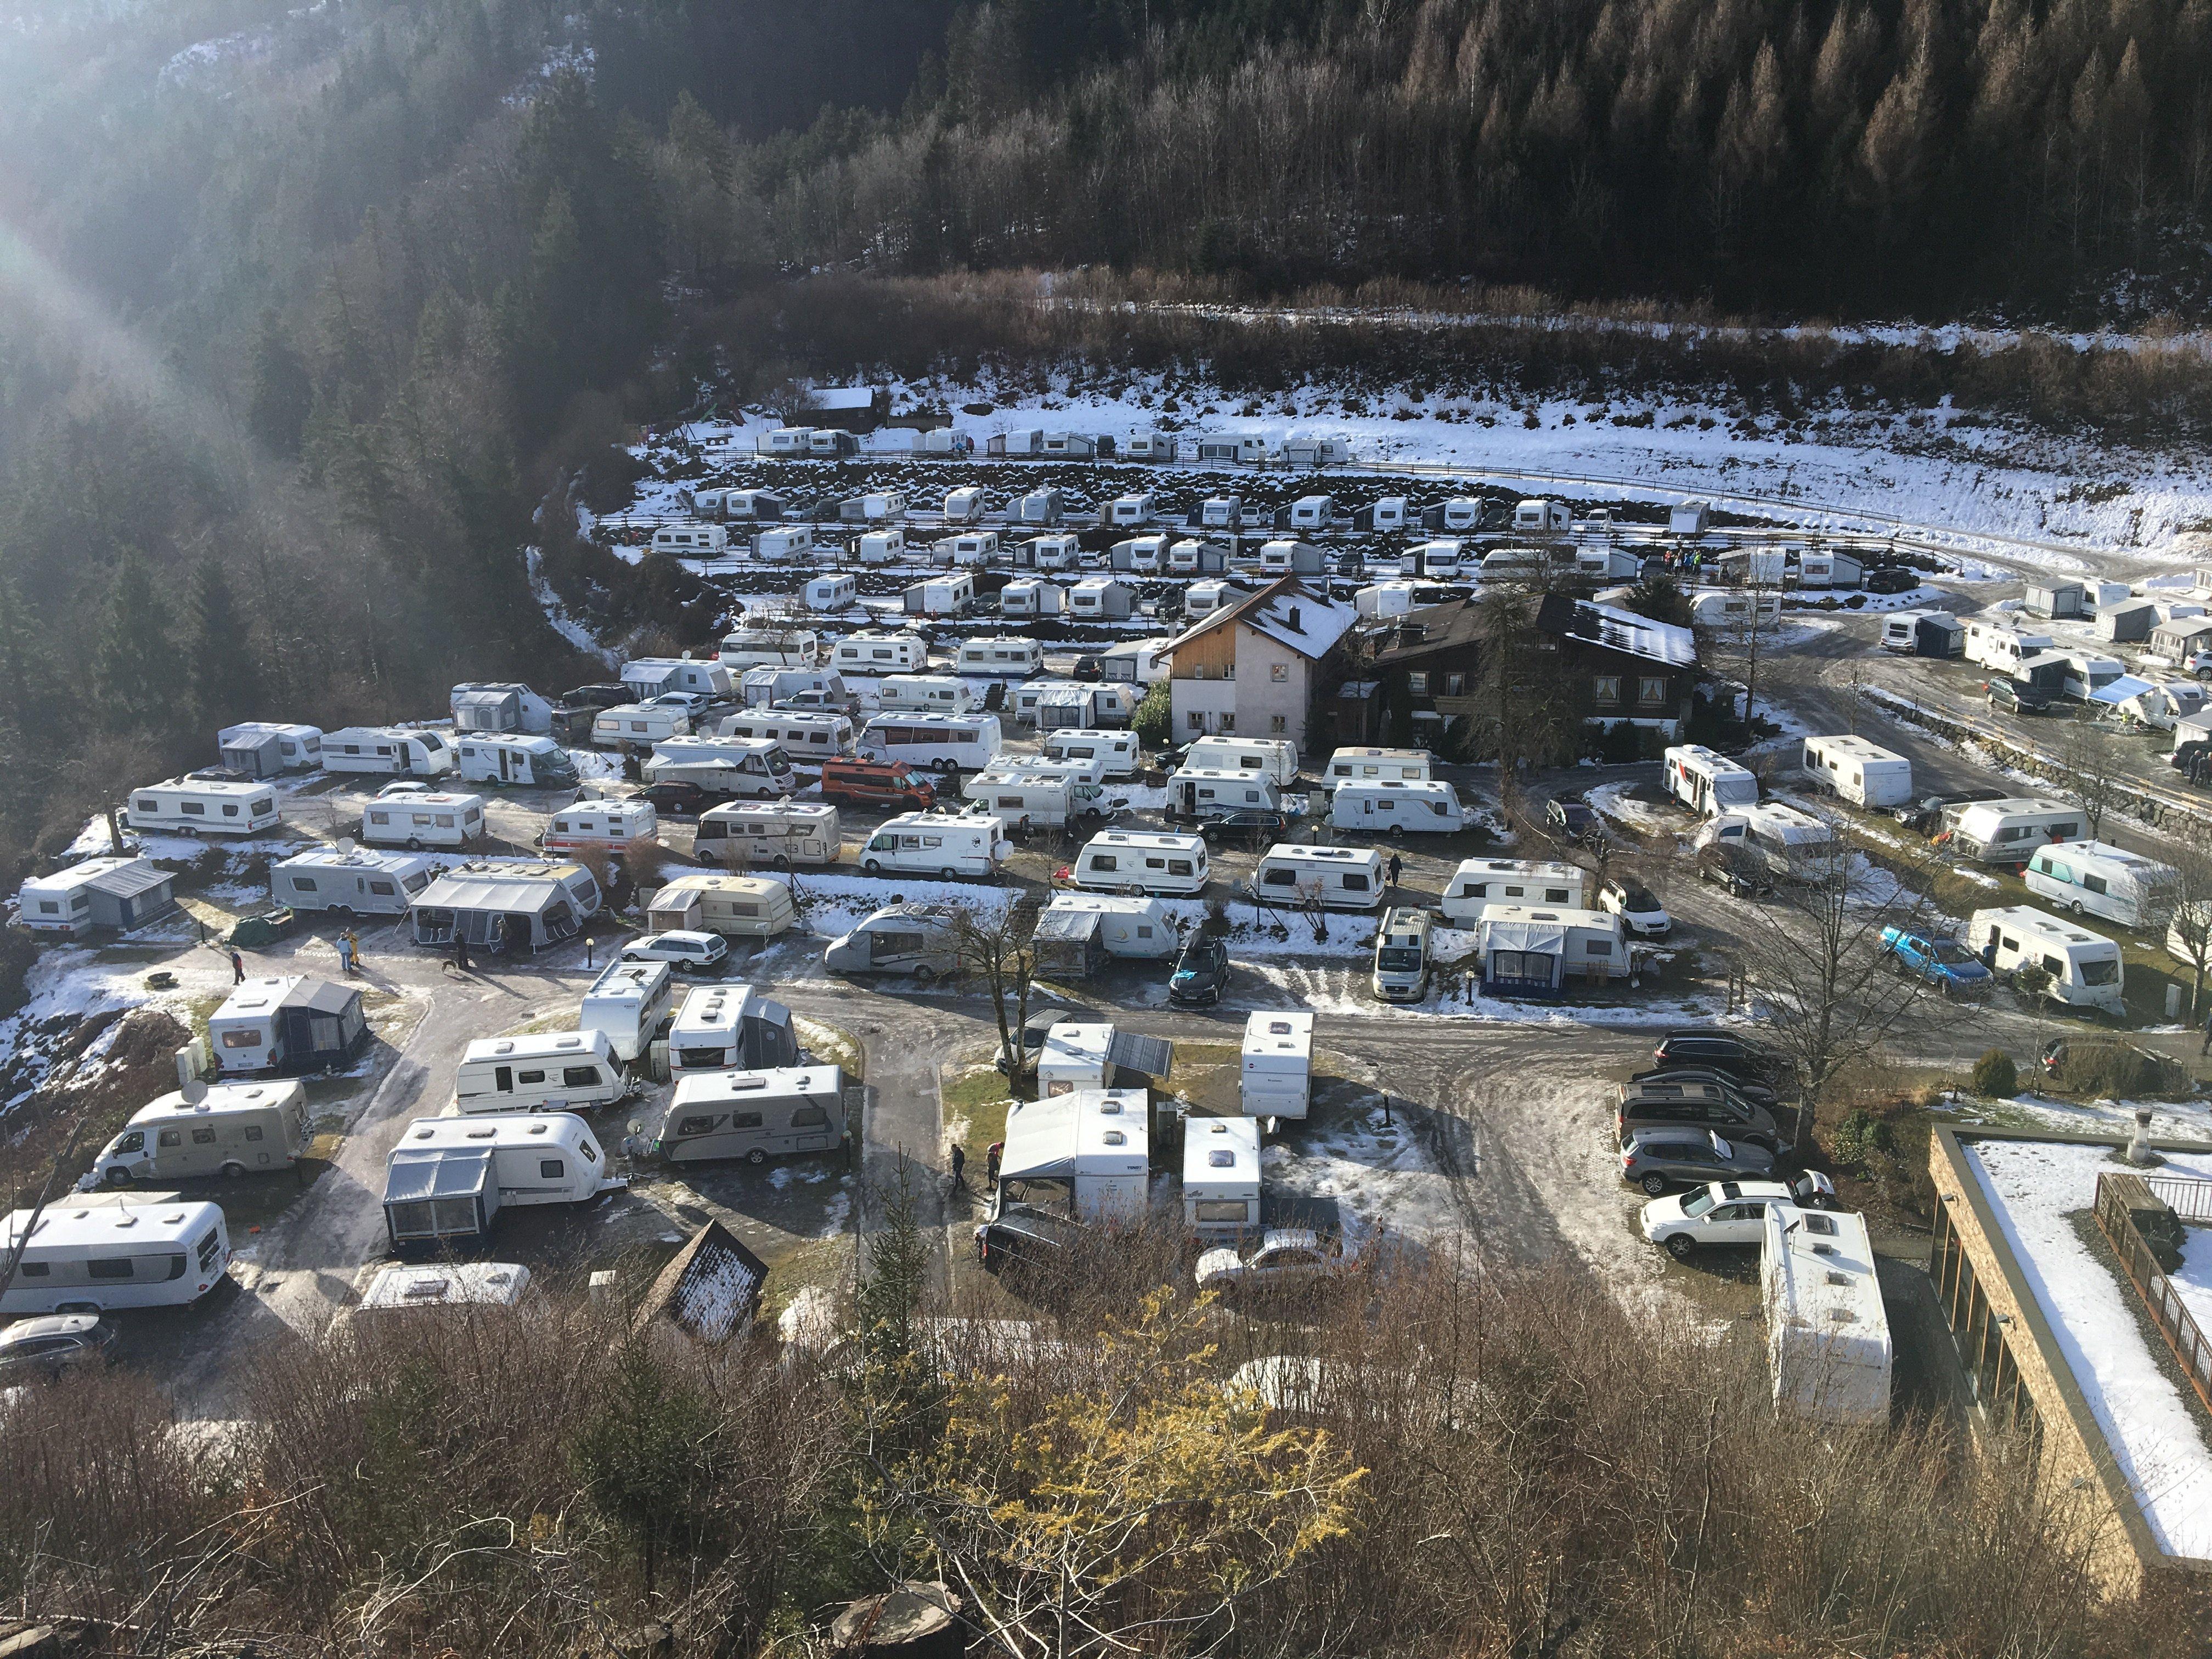 Foto 31.12.17 11 07 41 - Alpencamping Nenzing – Ein Campingplatz der Luxusklasse